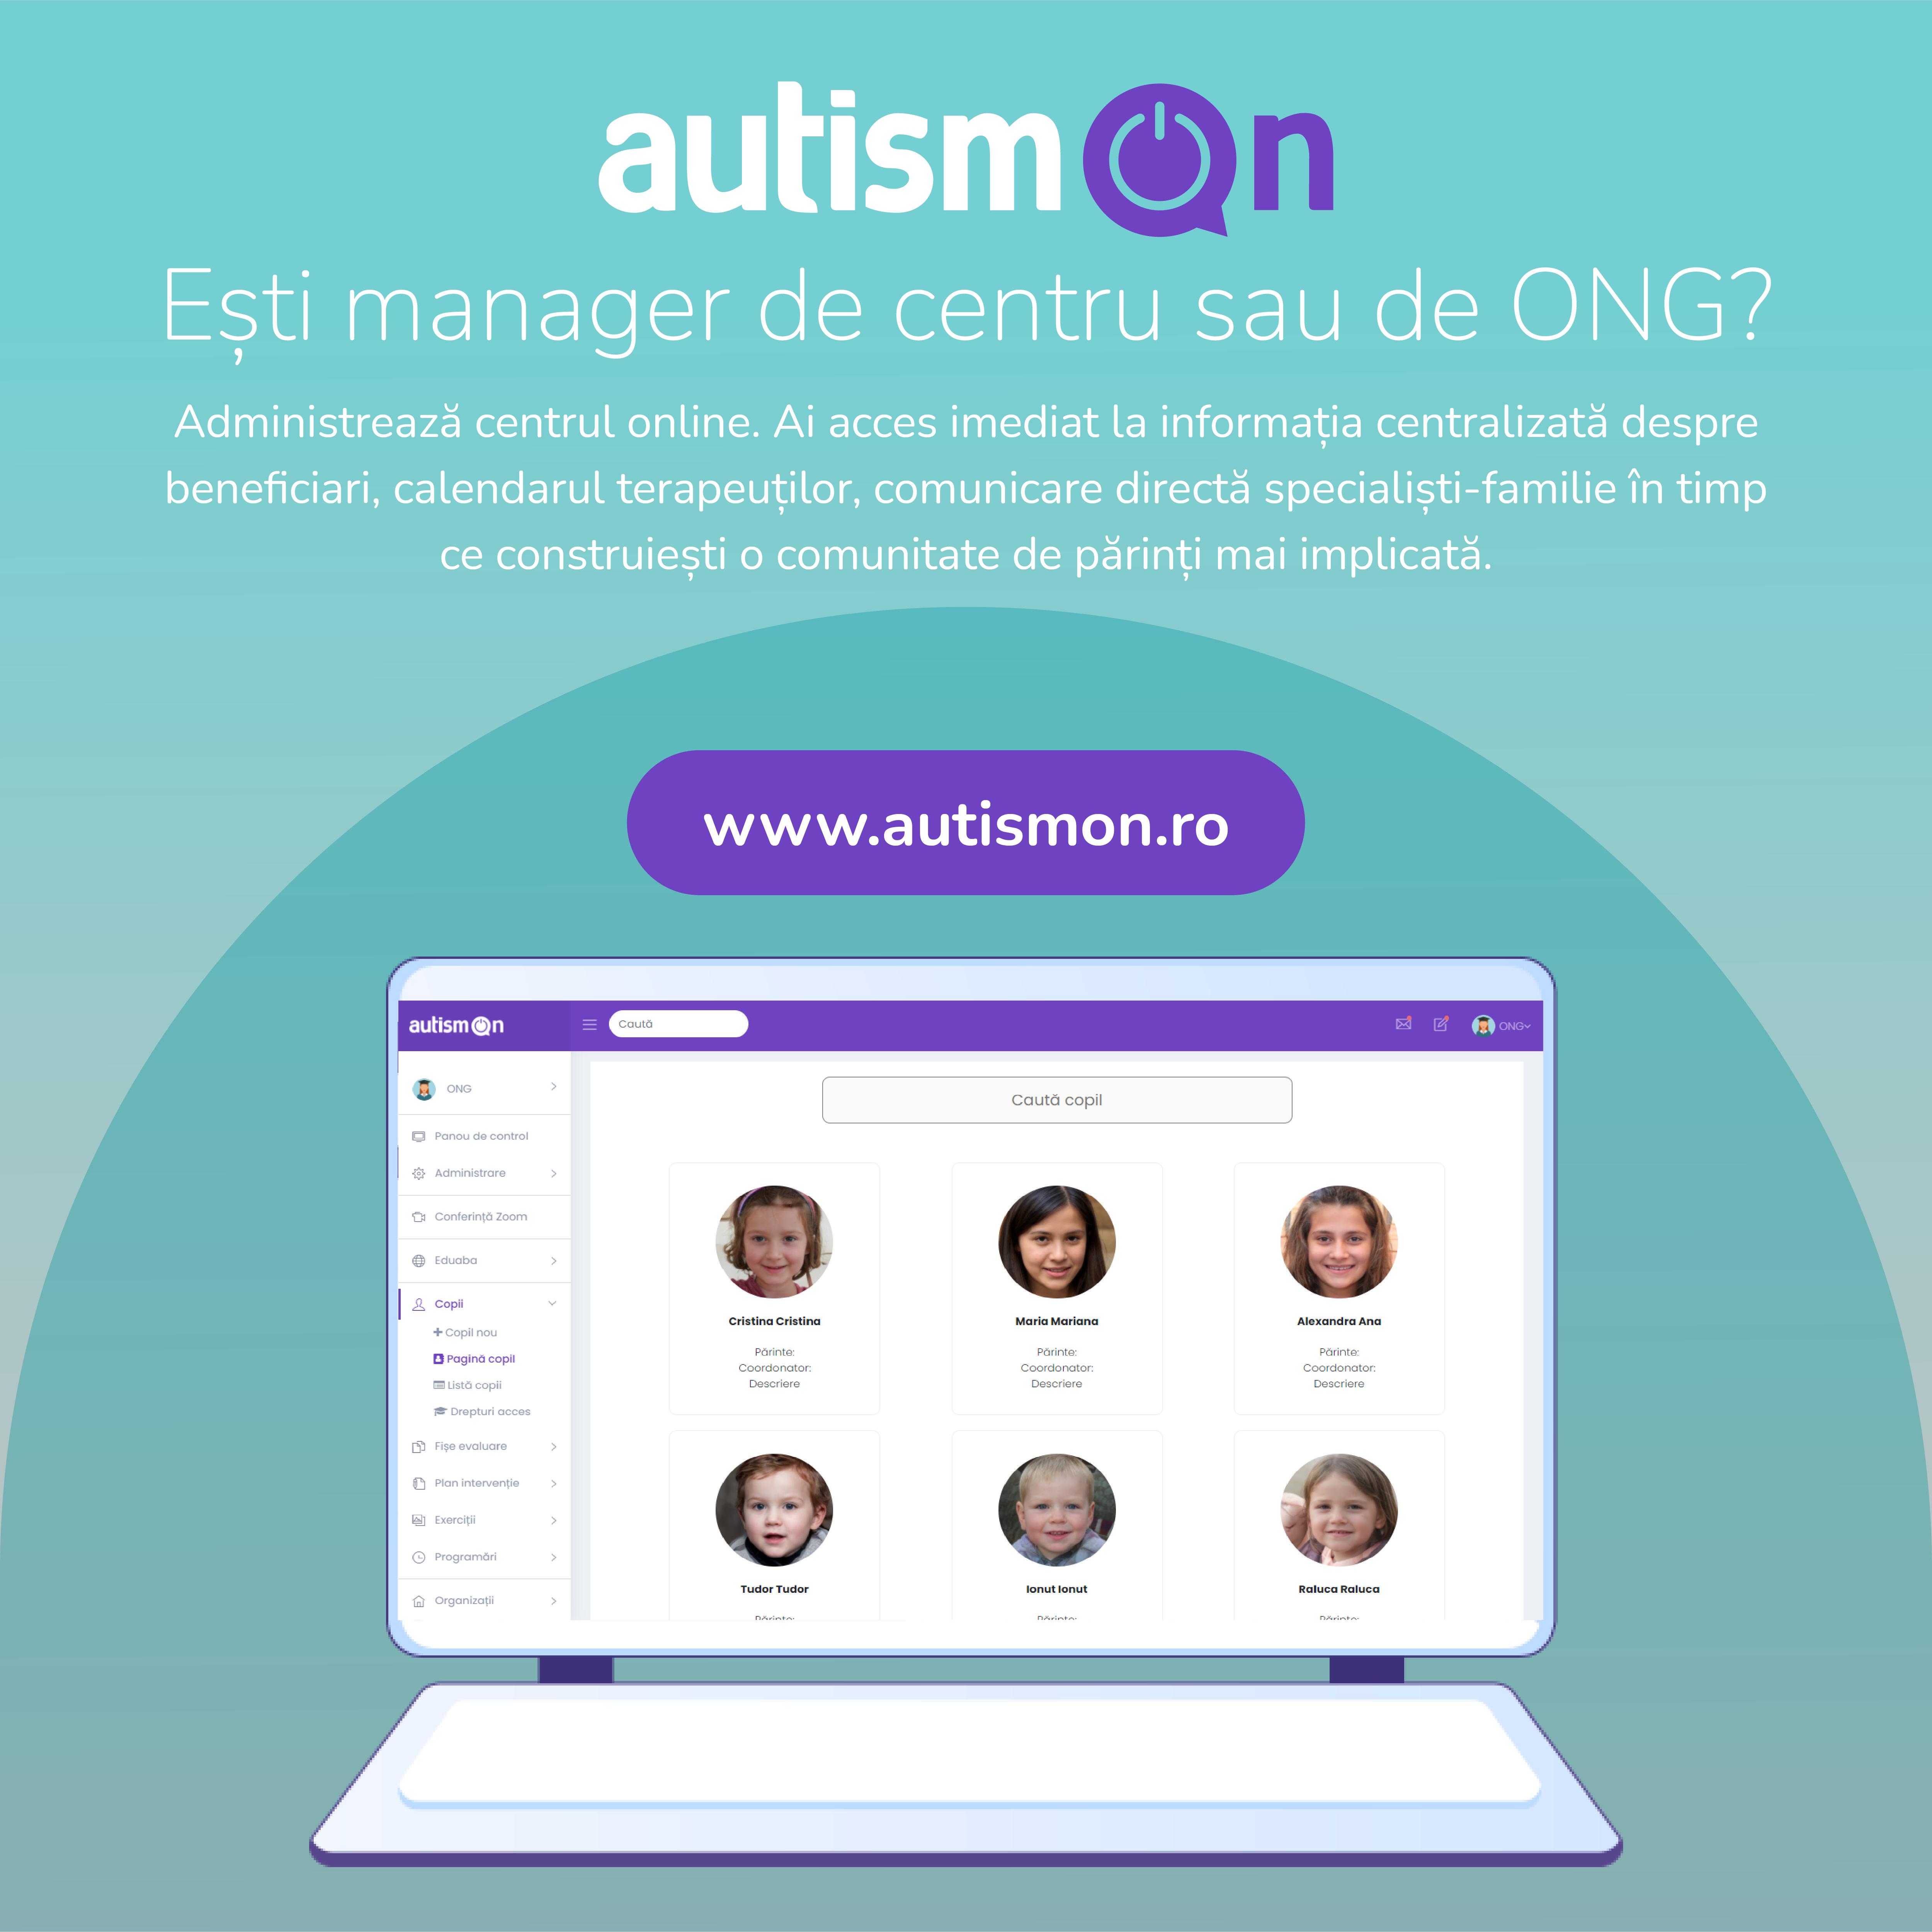 Asociația Help Autism lansează, prin platforma AutismON, primul centru online din țară care acoperă toate nevoile copilului cu autism